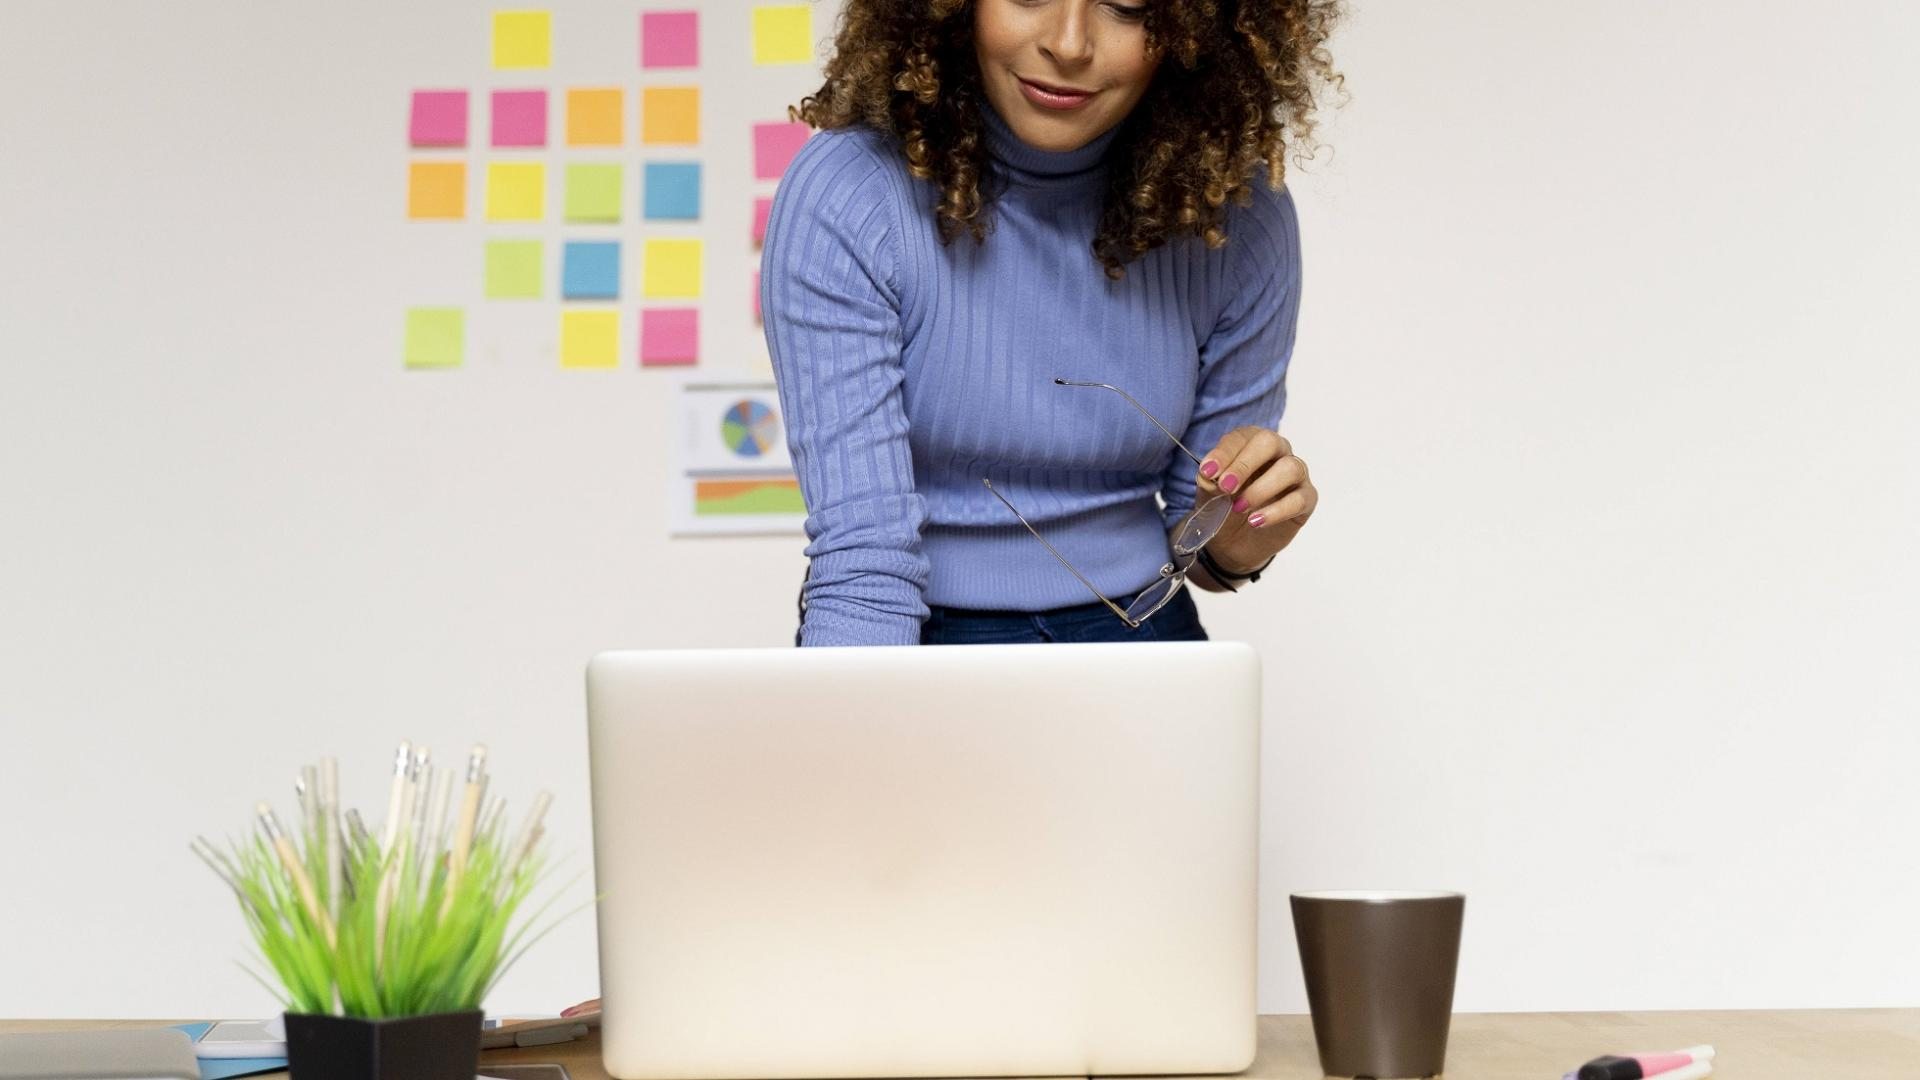 lächelnde junge Frau steht vor ihrem Laptop am Schreibtisch